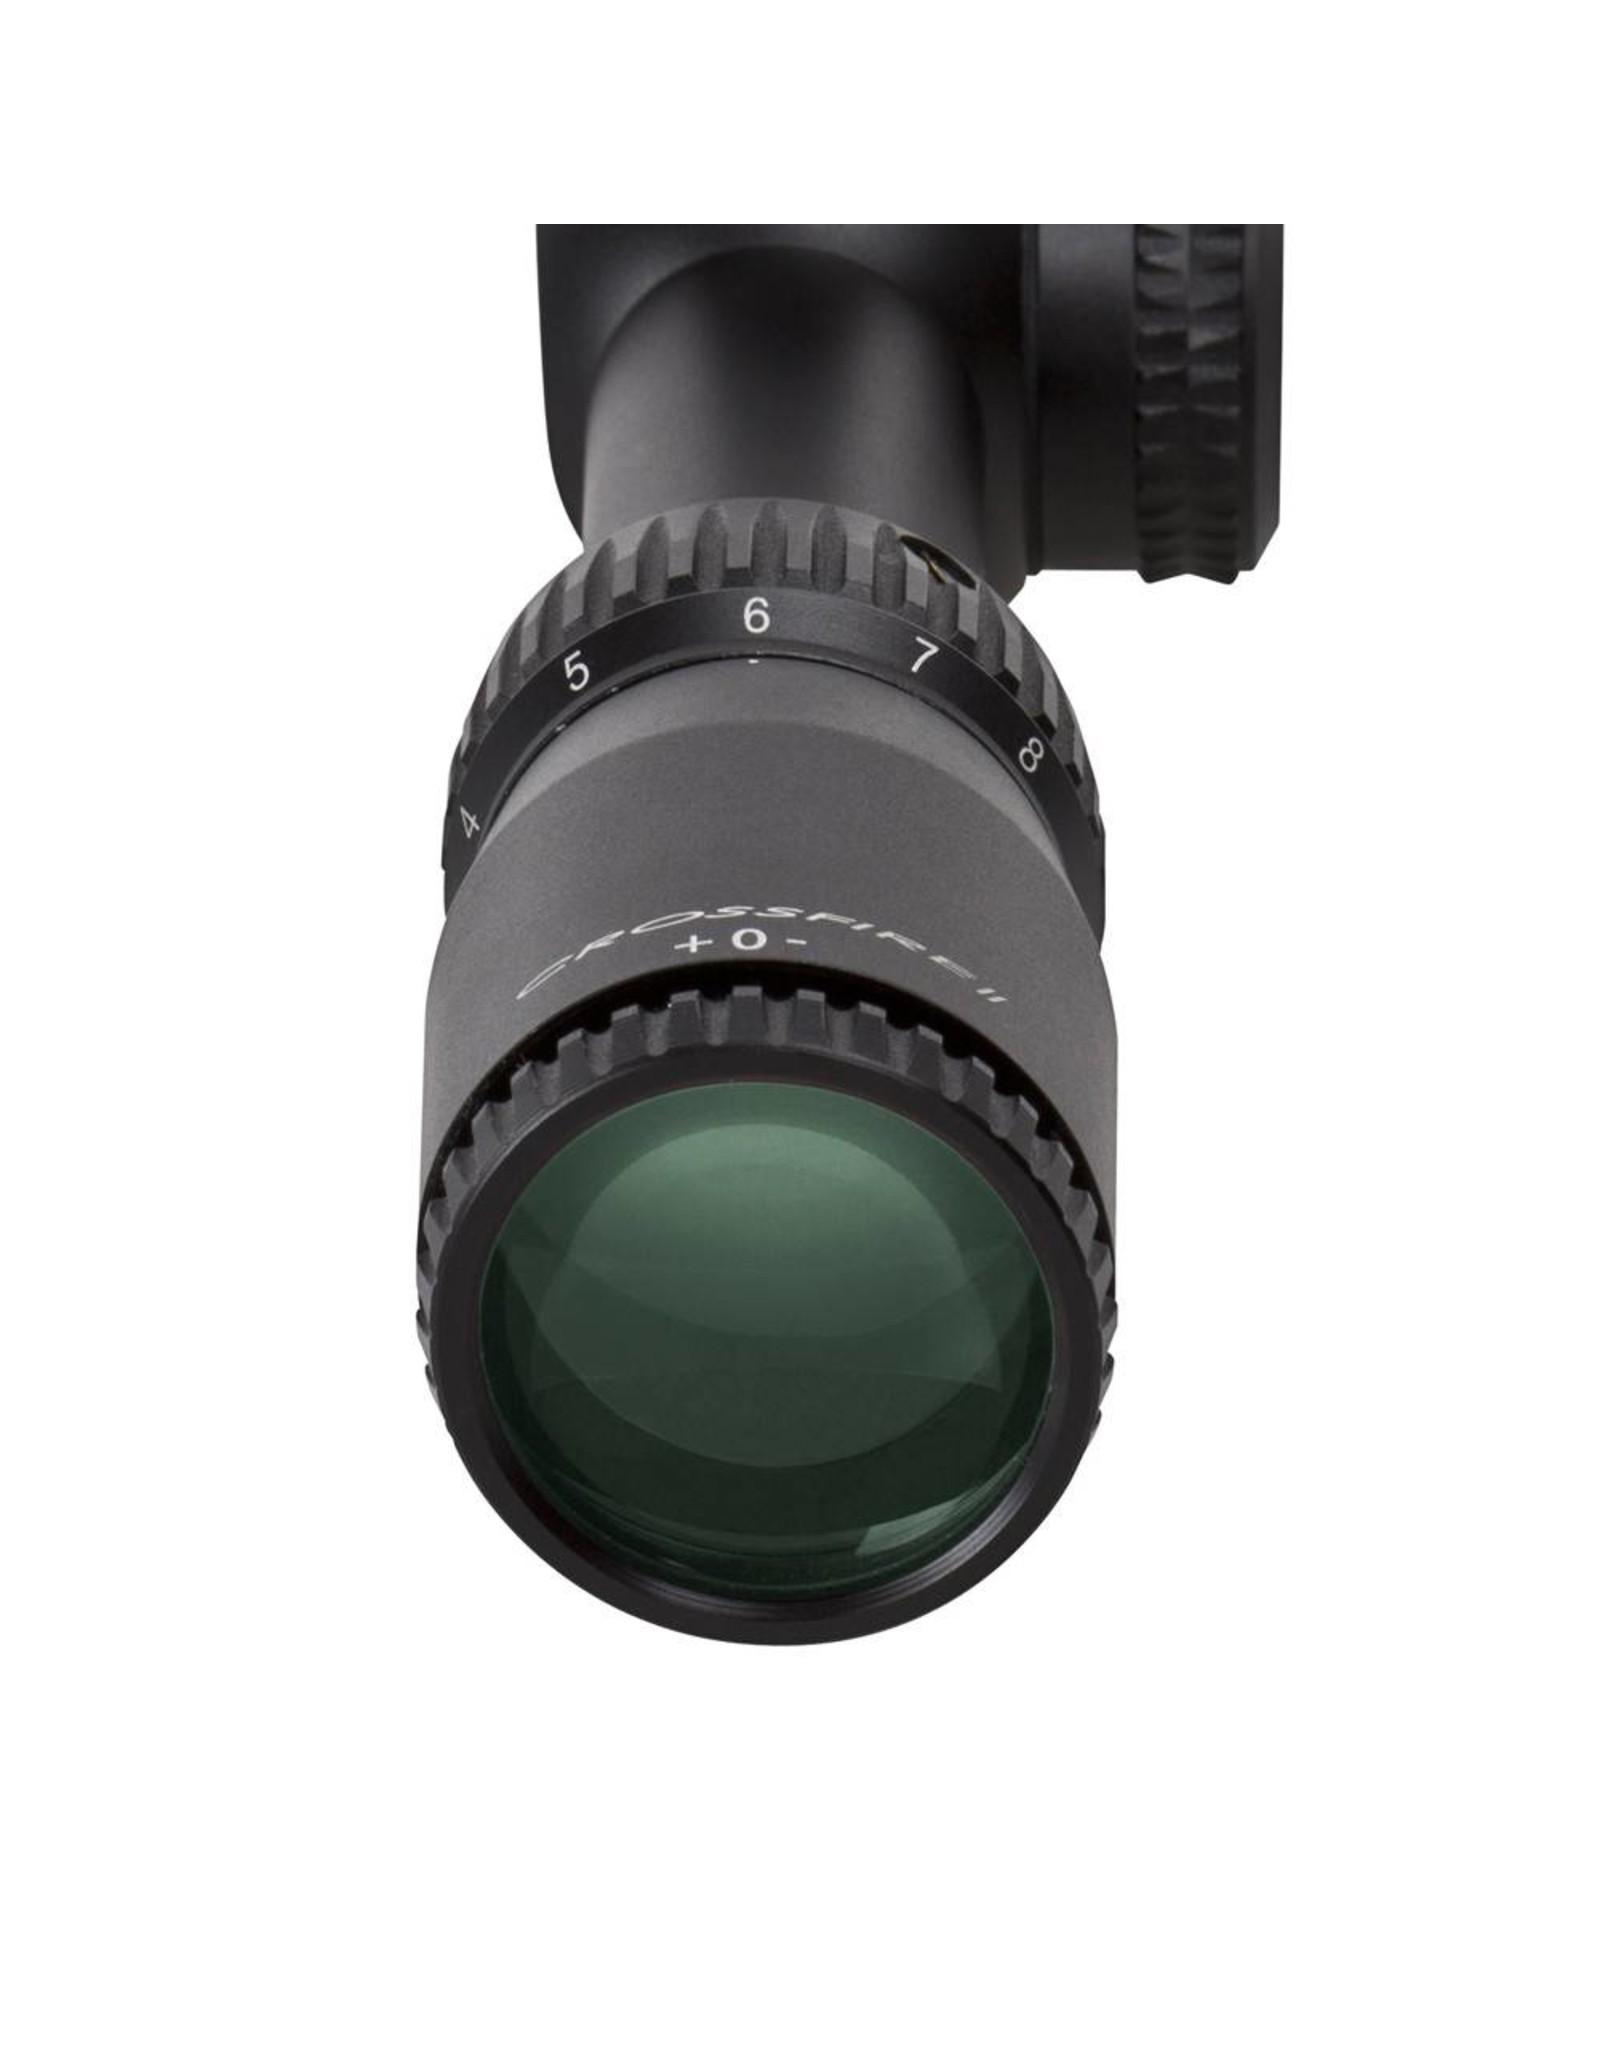 Vortex Vortex Crossfire II 4-12x44 Riflescope (1-Inch) BDC